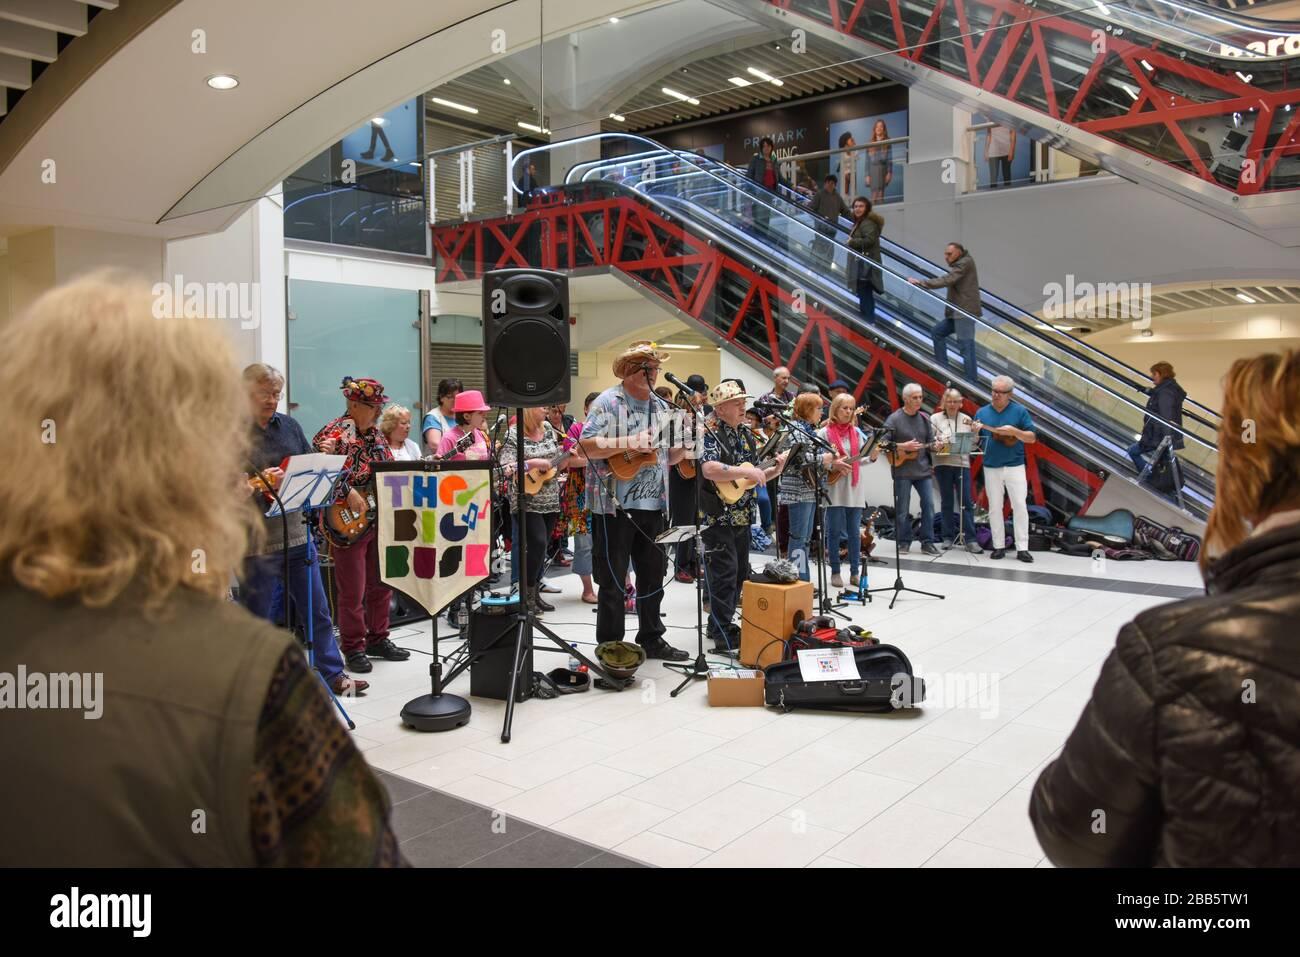 Un grand groupe de musiciens participant à un événement Big Busk dans un centre commercial de Shrewsbury, au Royaume-Uni, à l'aide de personnes sans domicile. Banque D'Images